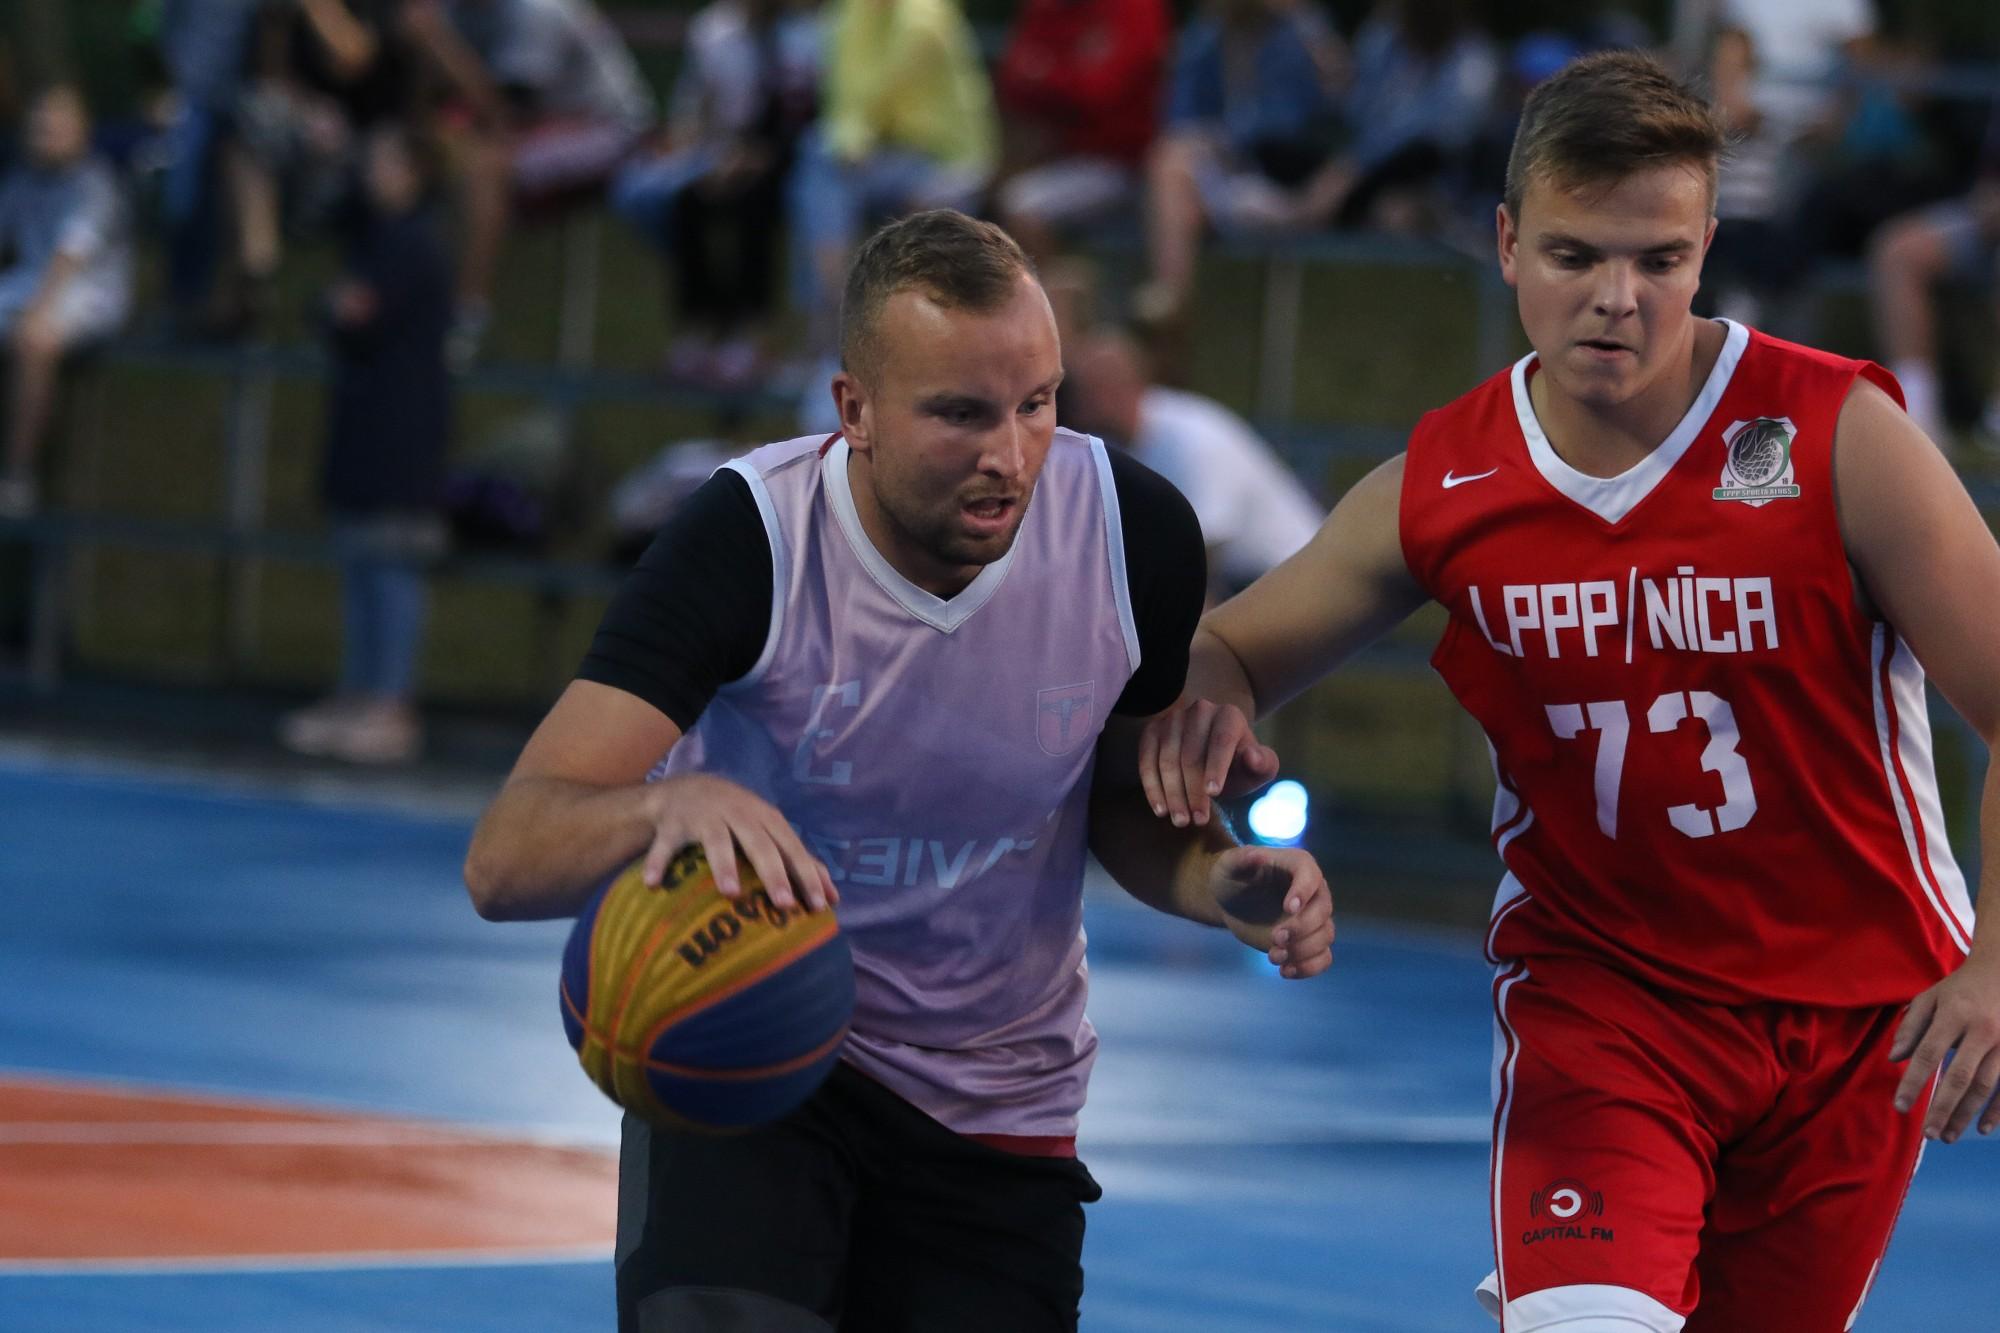 Выяснены чемпионы Лиепаи по стритболу